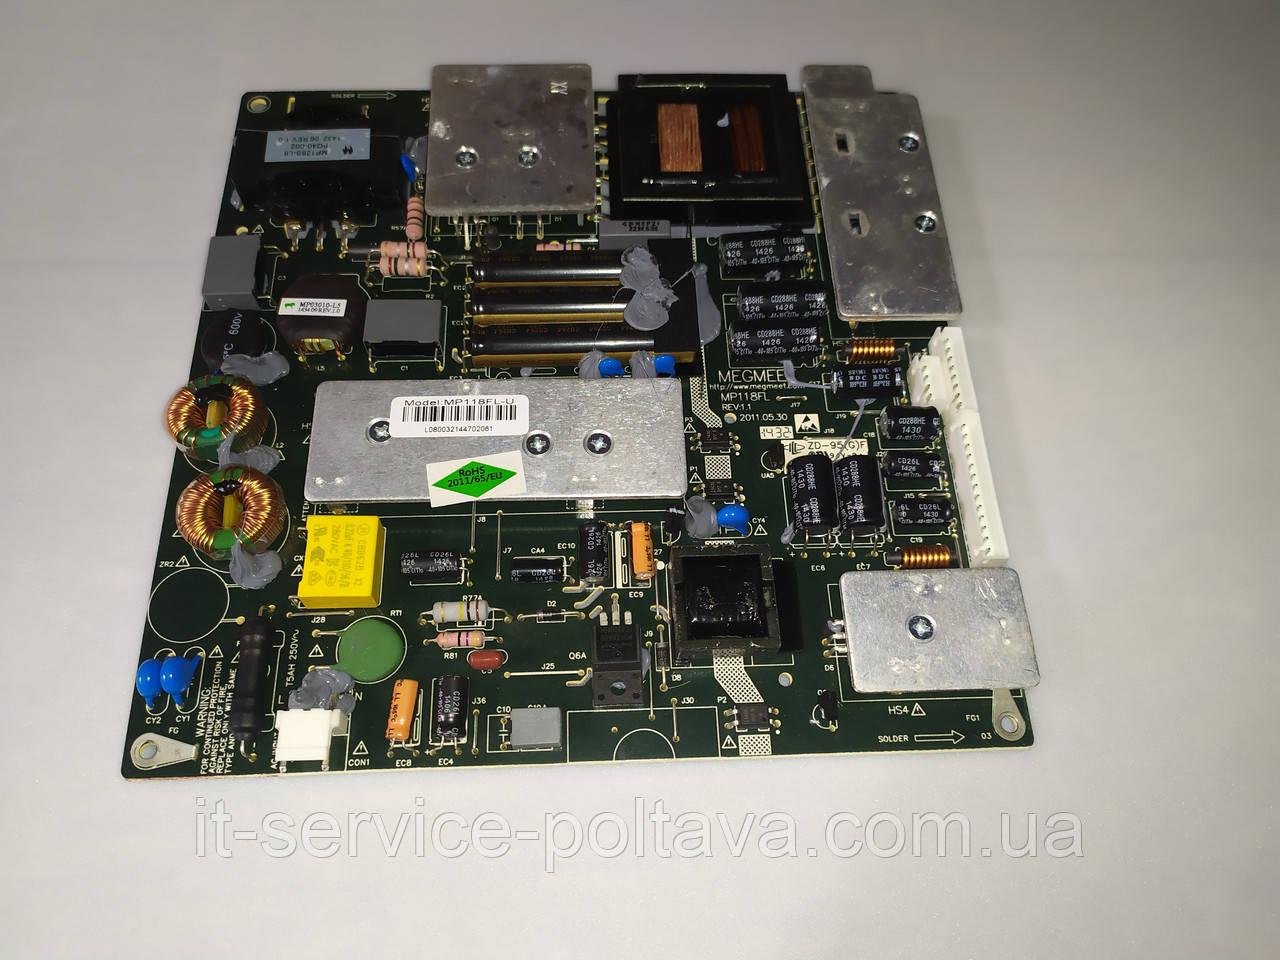 Блок живлення (Power Supply) MP118FL R:1.1  для телевізора BLAUPUNKT